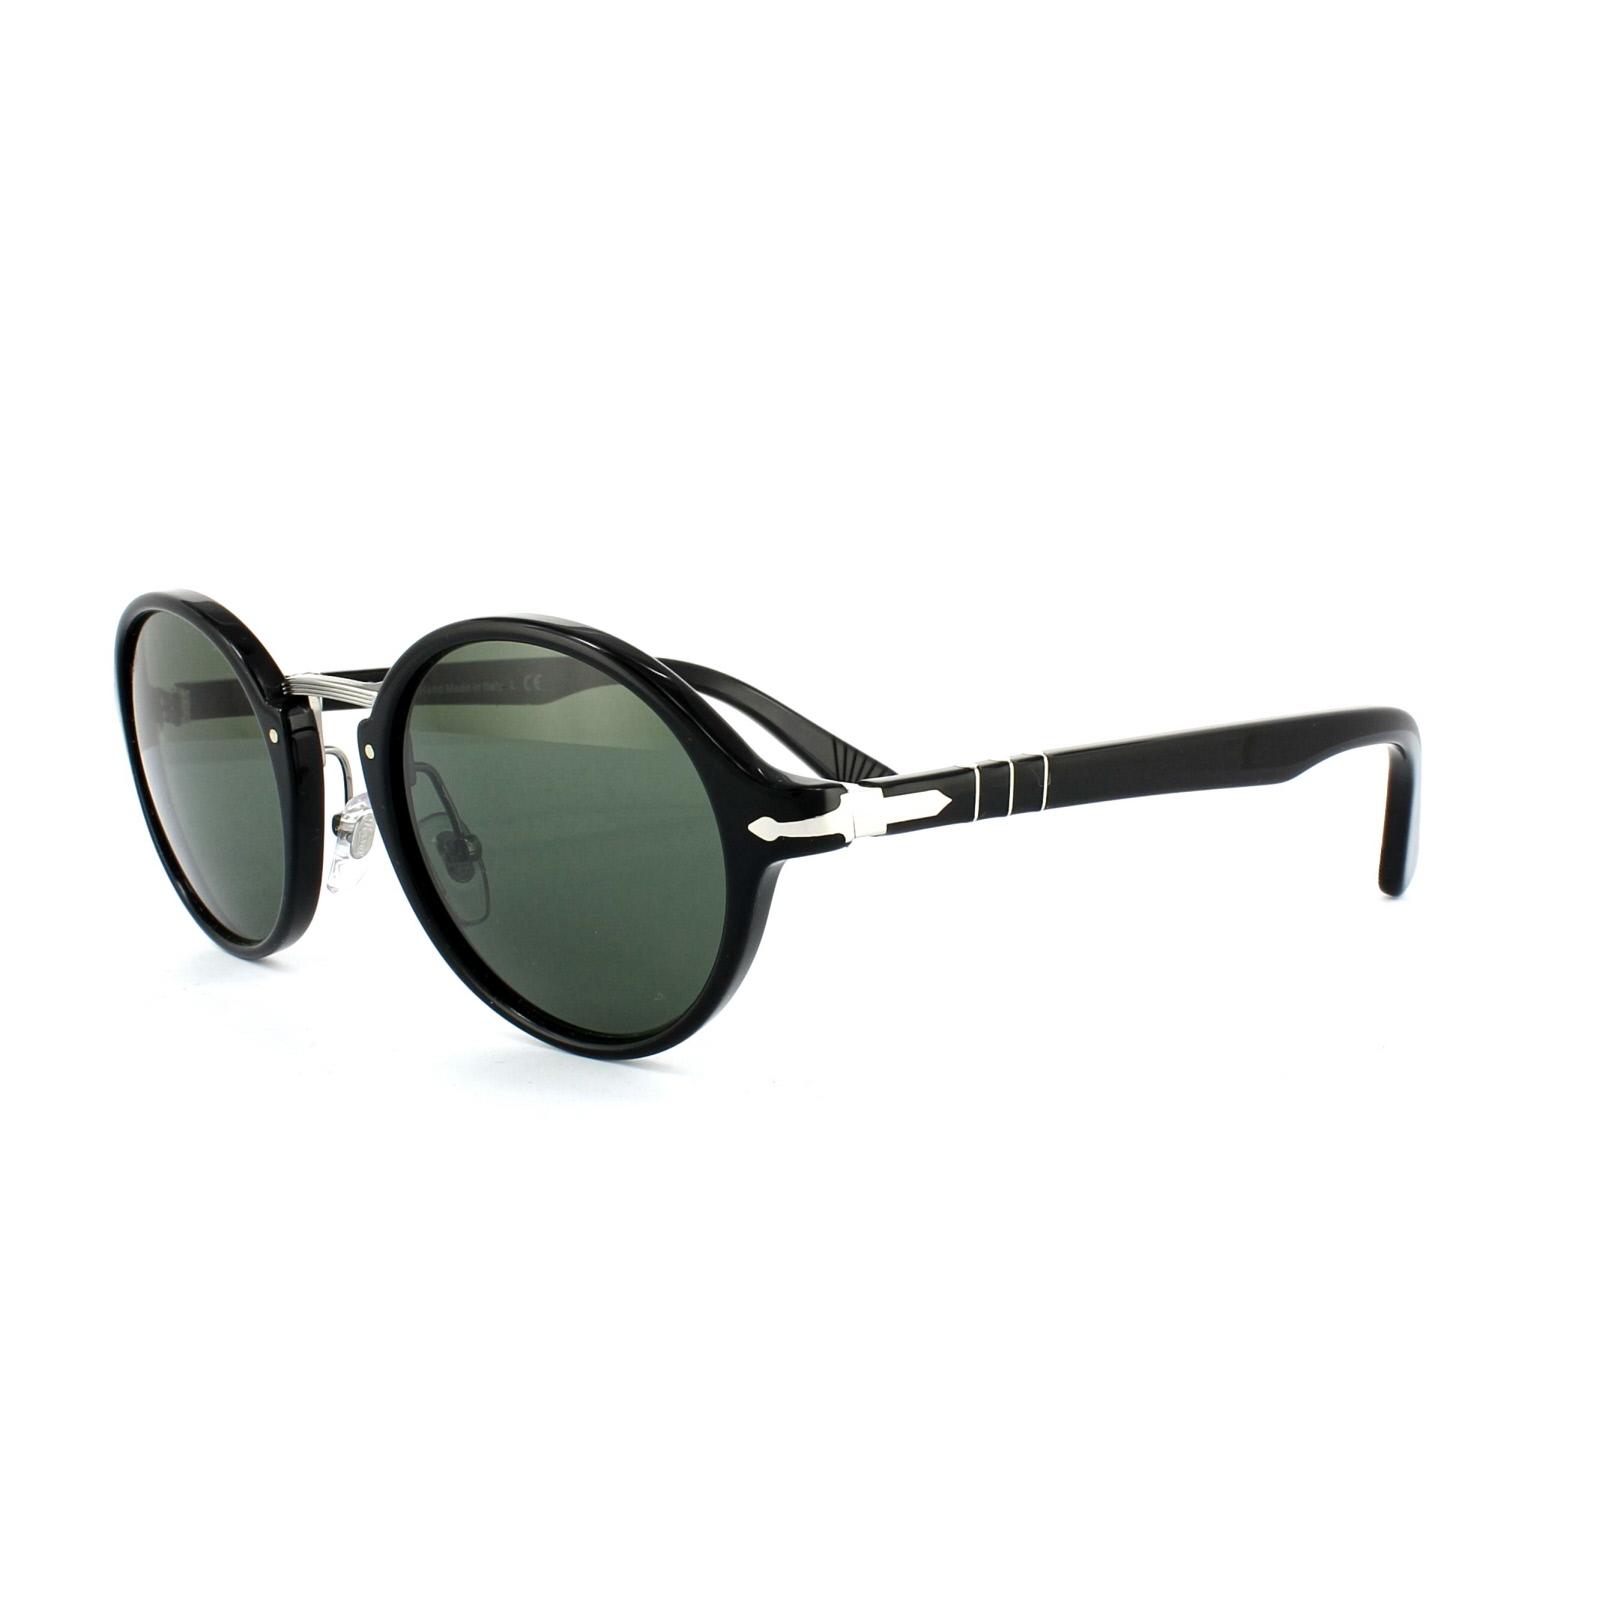 27d94a721016 Persol Sunglasses 3129 95/31 Black Grey Green 8053672472790 | eBay